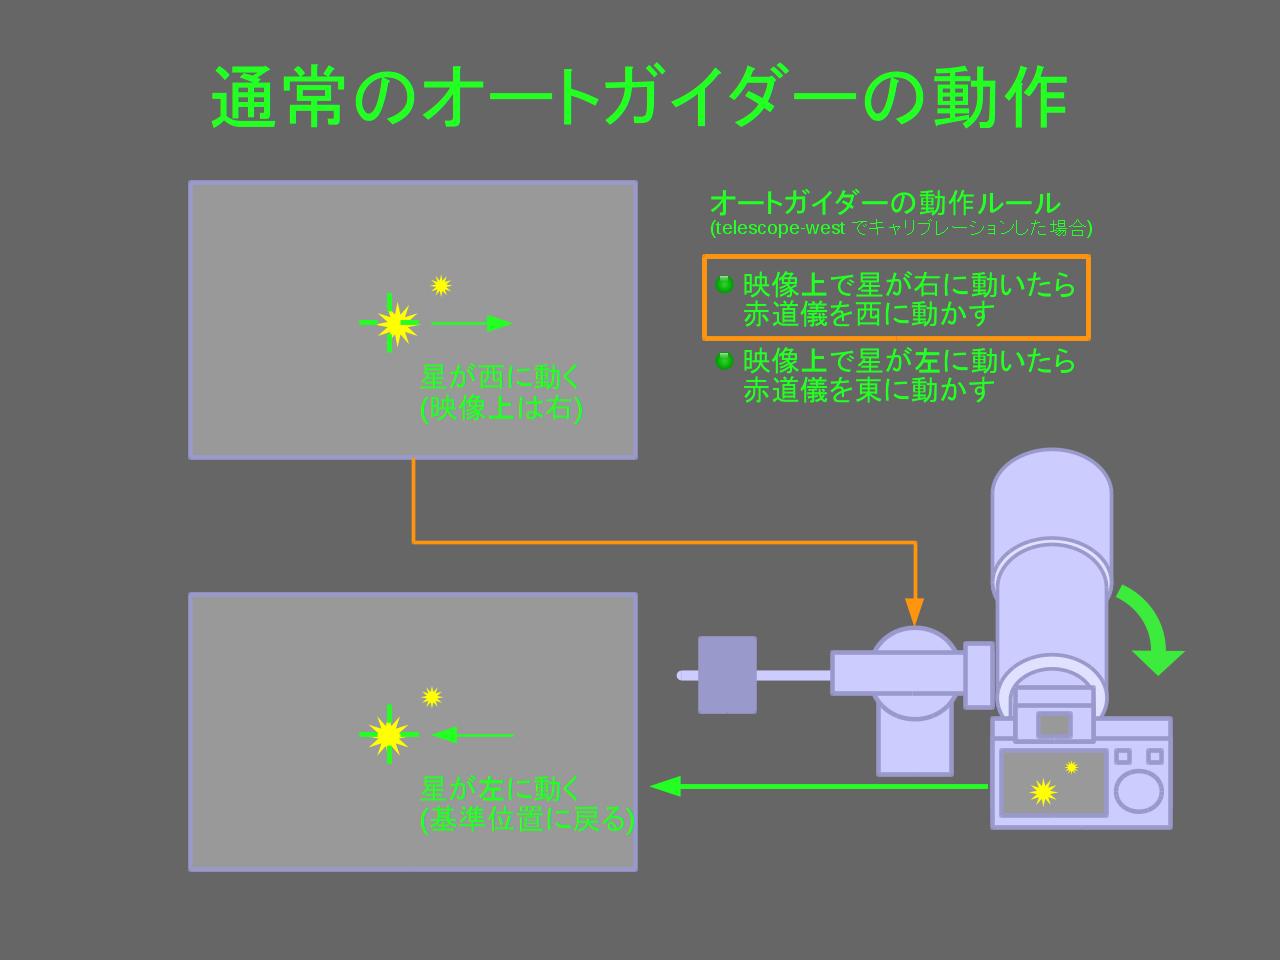 https://rna.sakura.ne.jp/share/telescope-flip-04.png